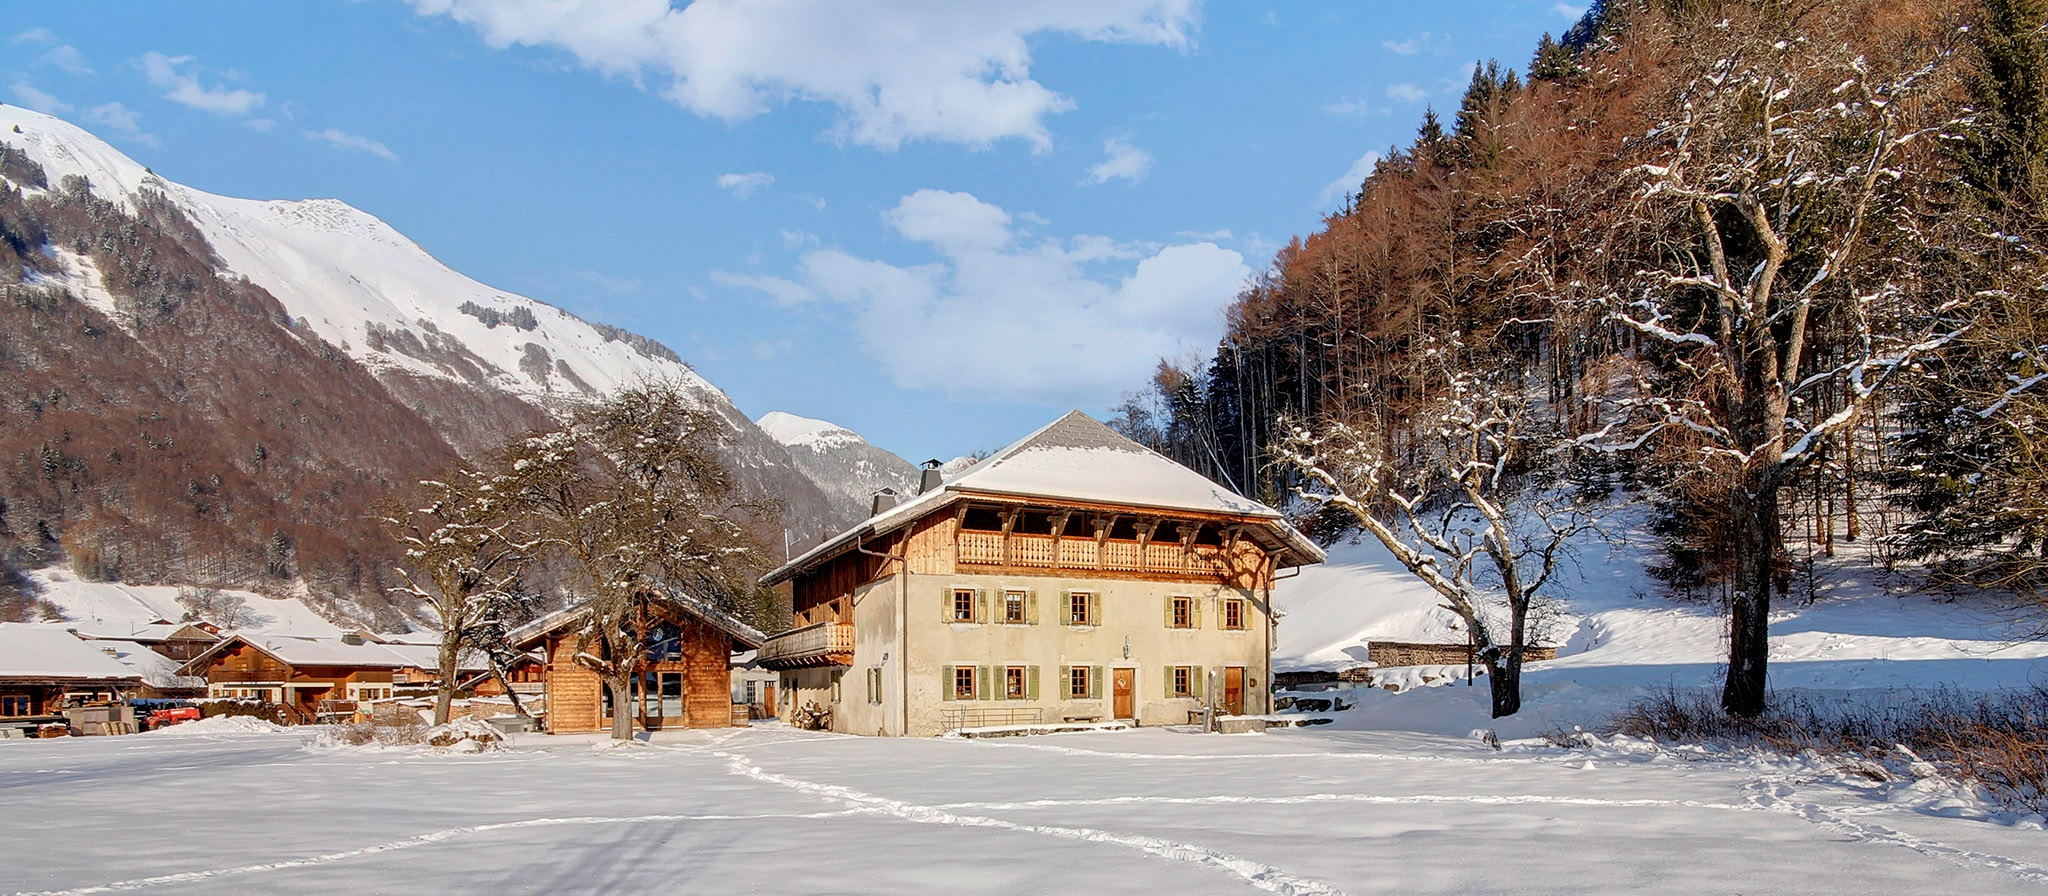 la ferme du lac vert: boutique hotel & ski chalet in morzine